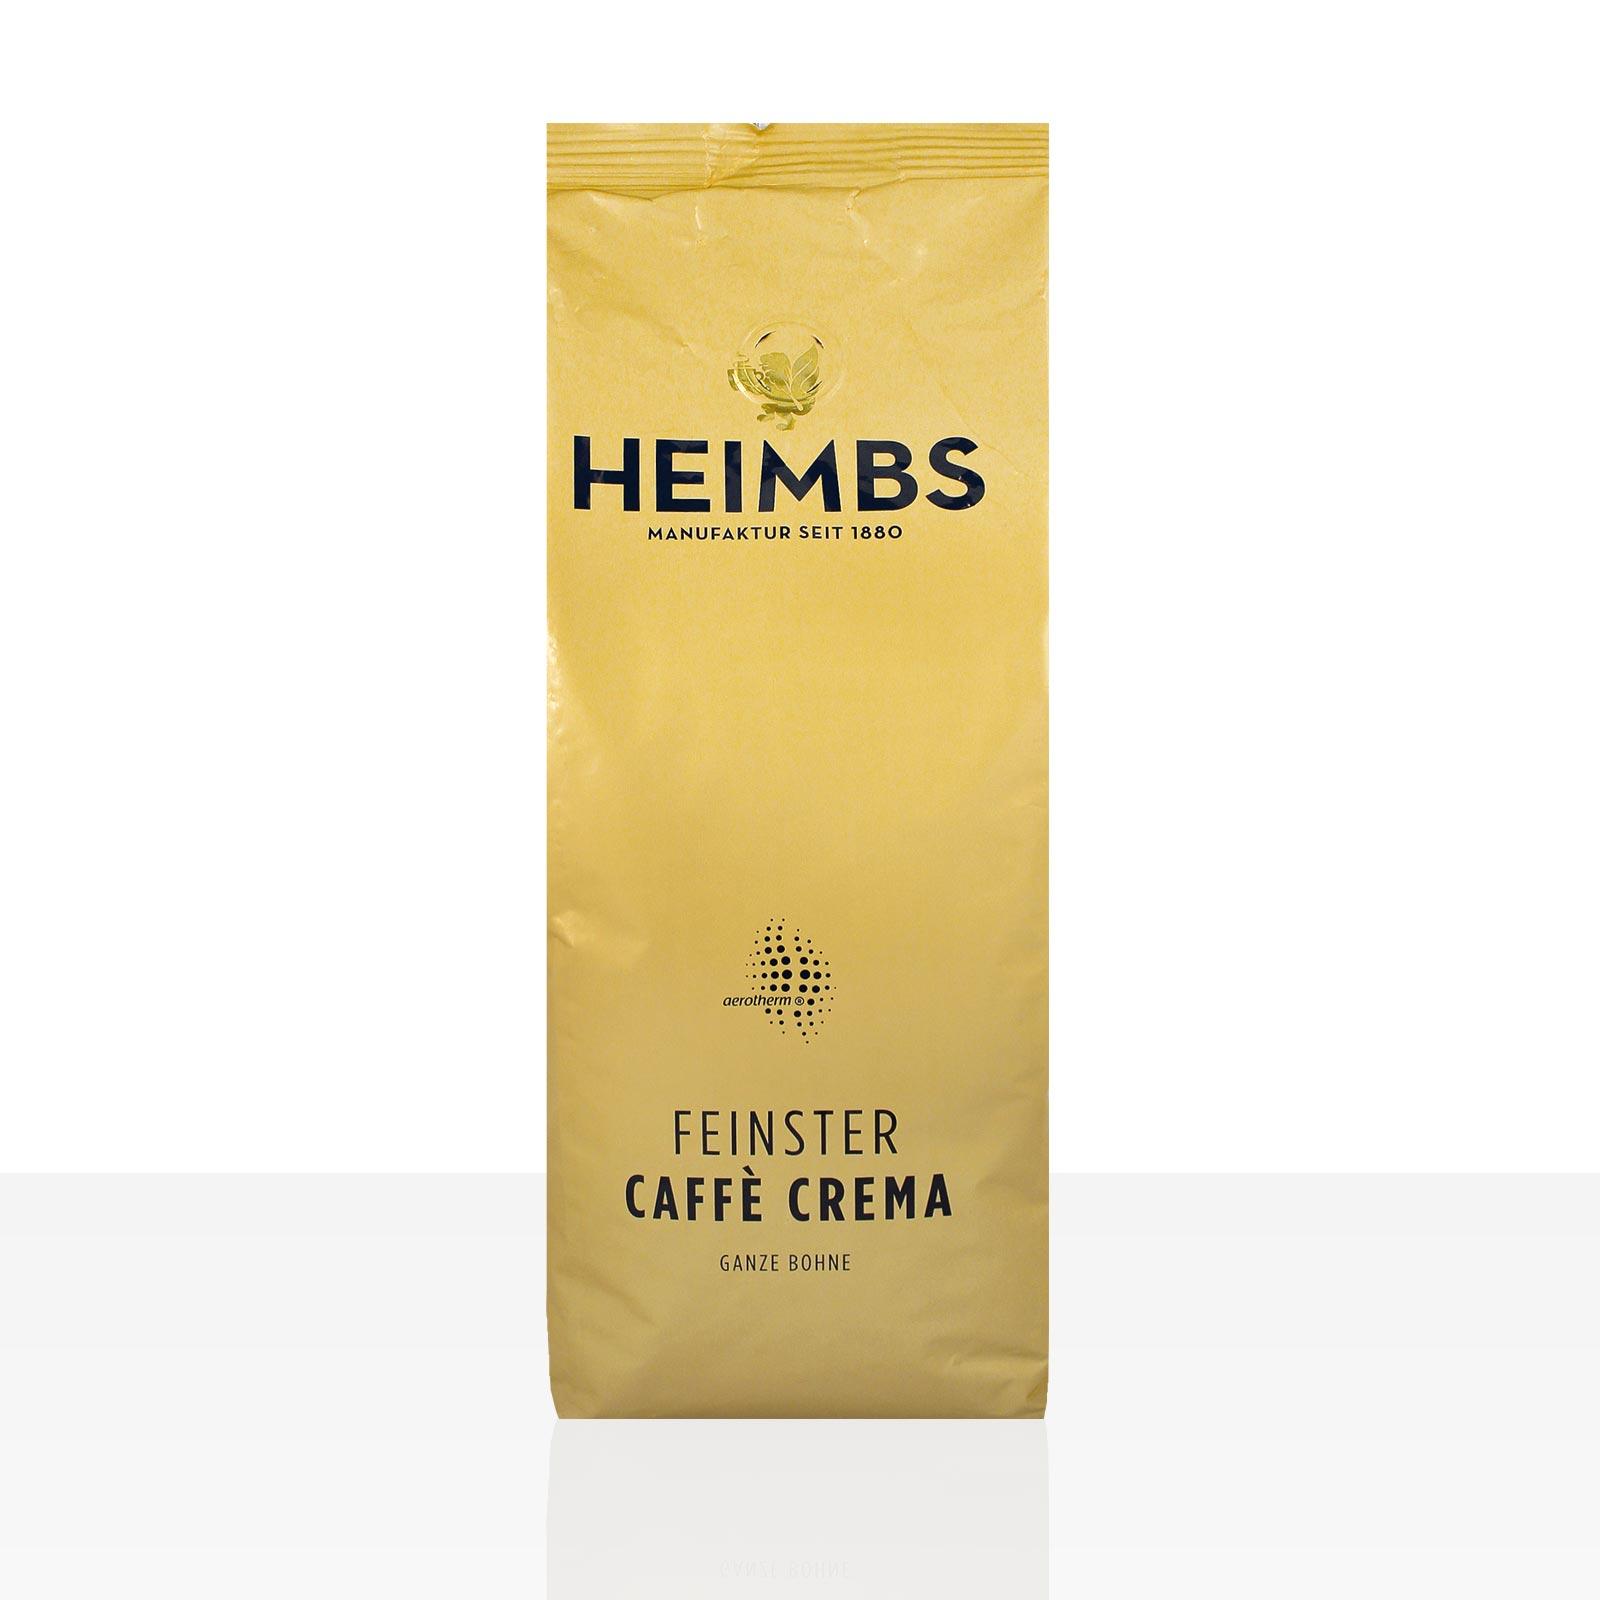 Heimbs feinster Caffe Crema - 12 x 500g Kaffee ganze Bohne